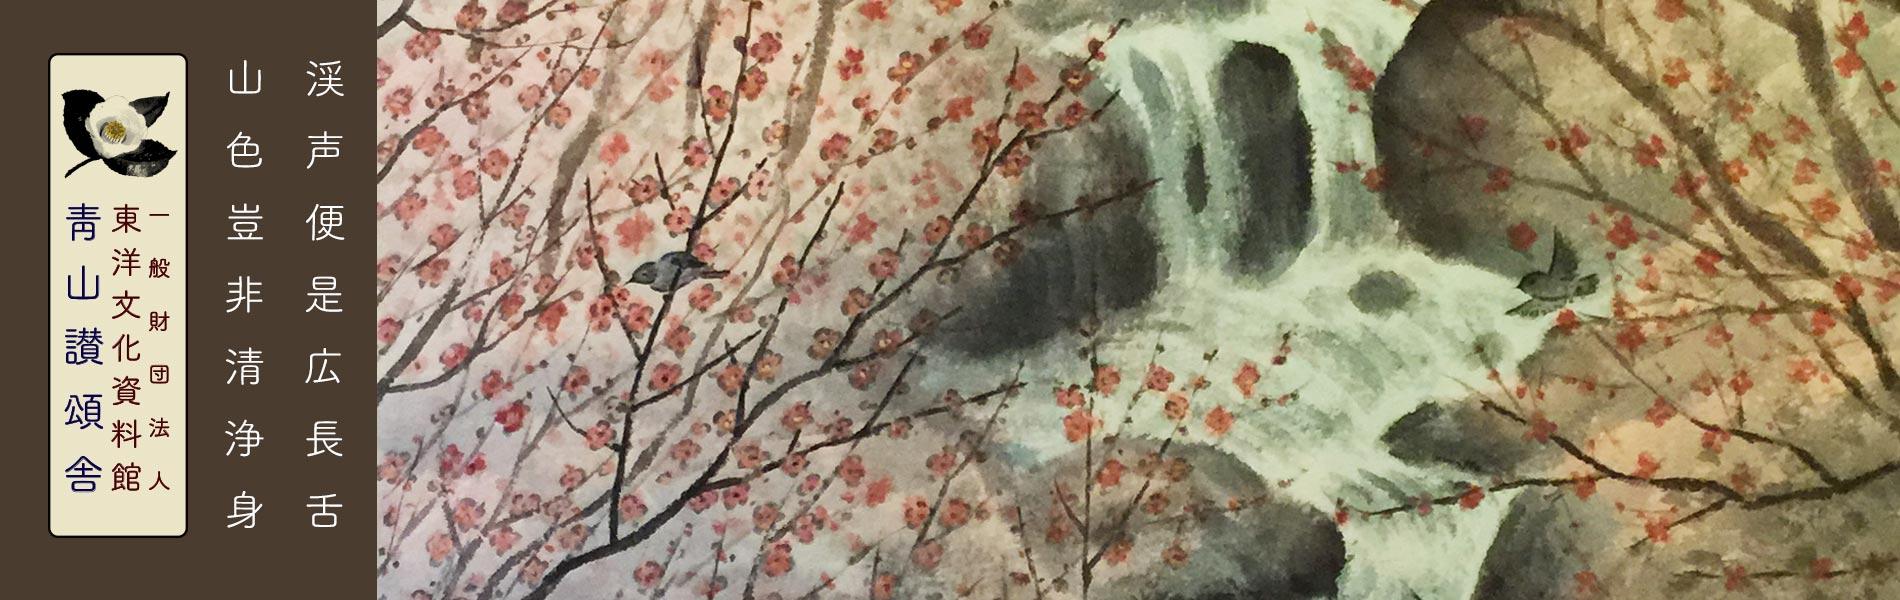 水墨画家 穐月明